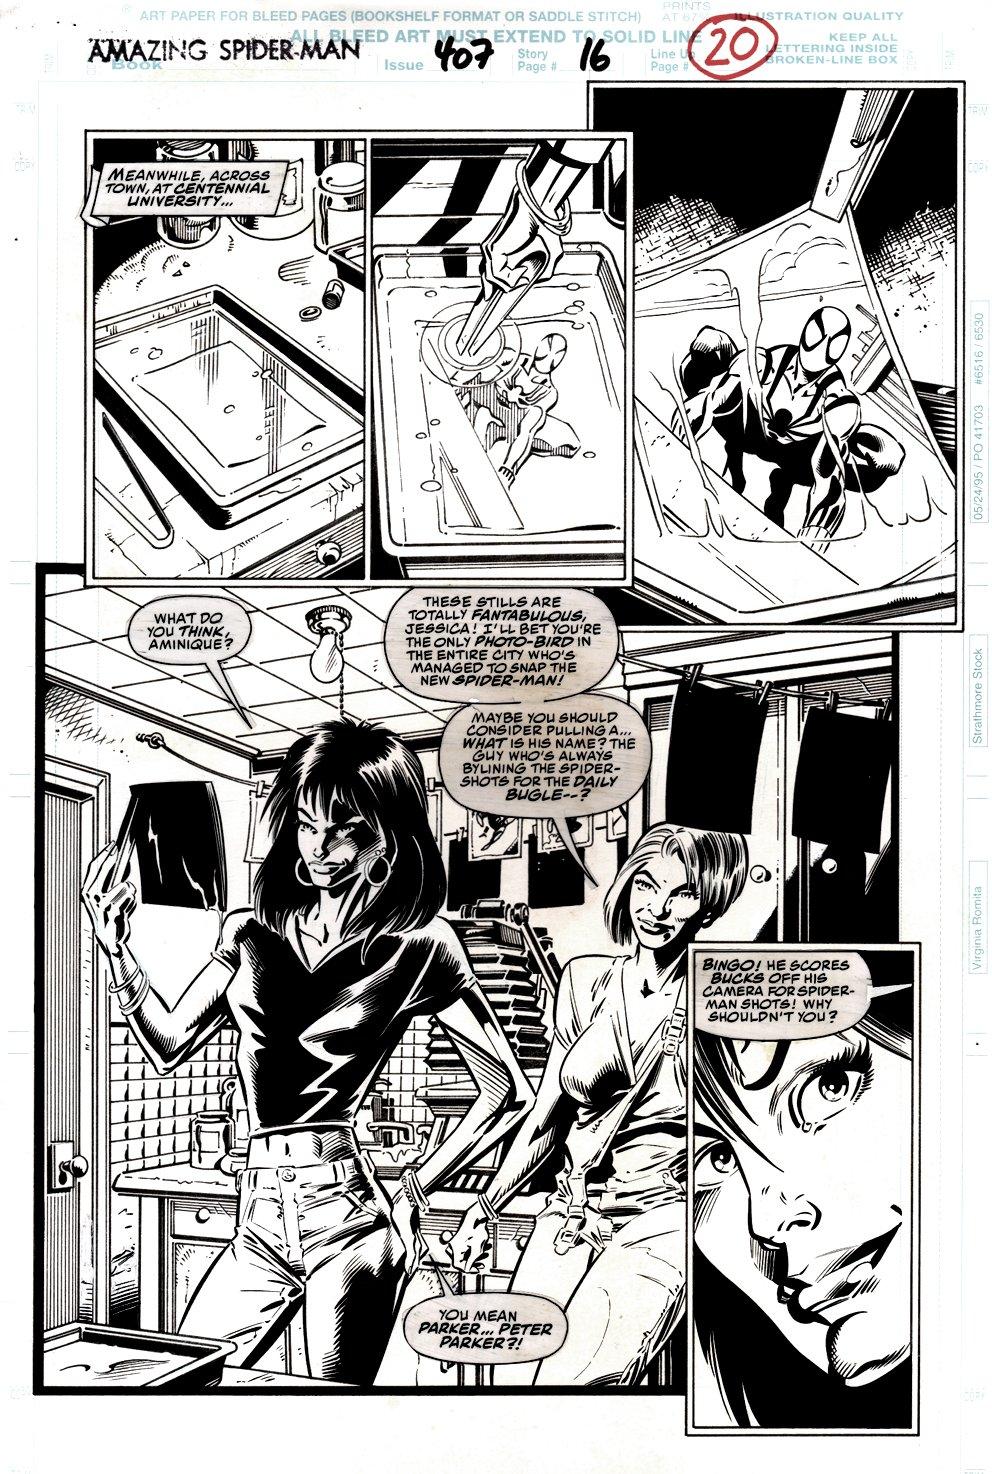 Amazing Spider-Man #407 p 16 (Spider-Man, Jessica Carradine, Aminique!) 1995